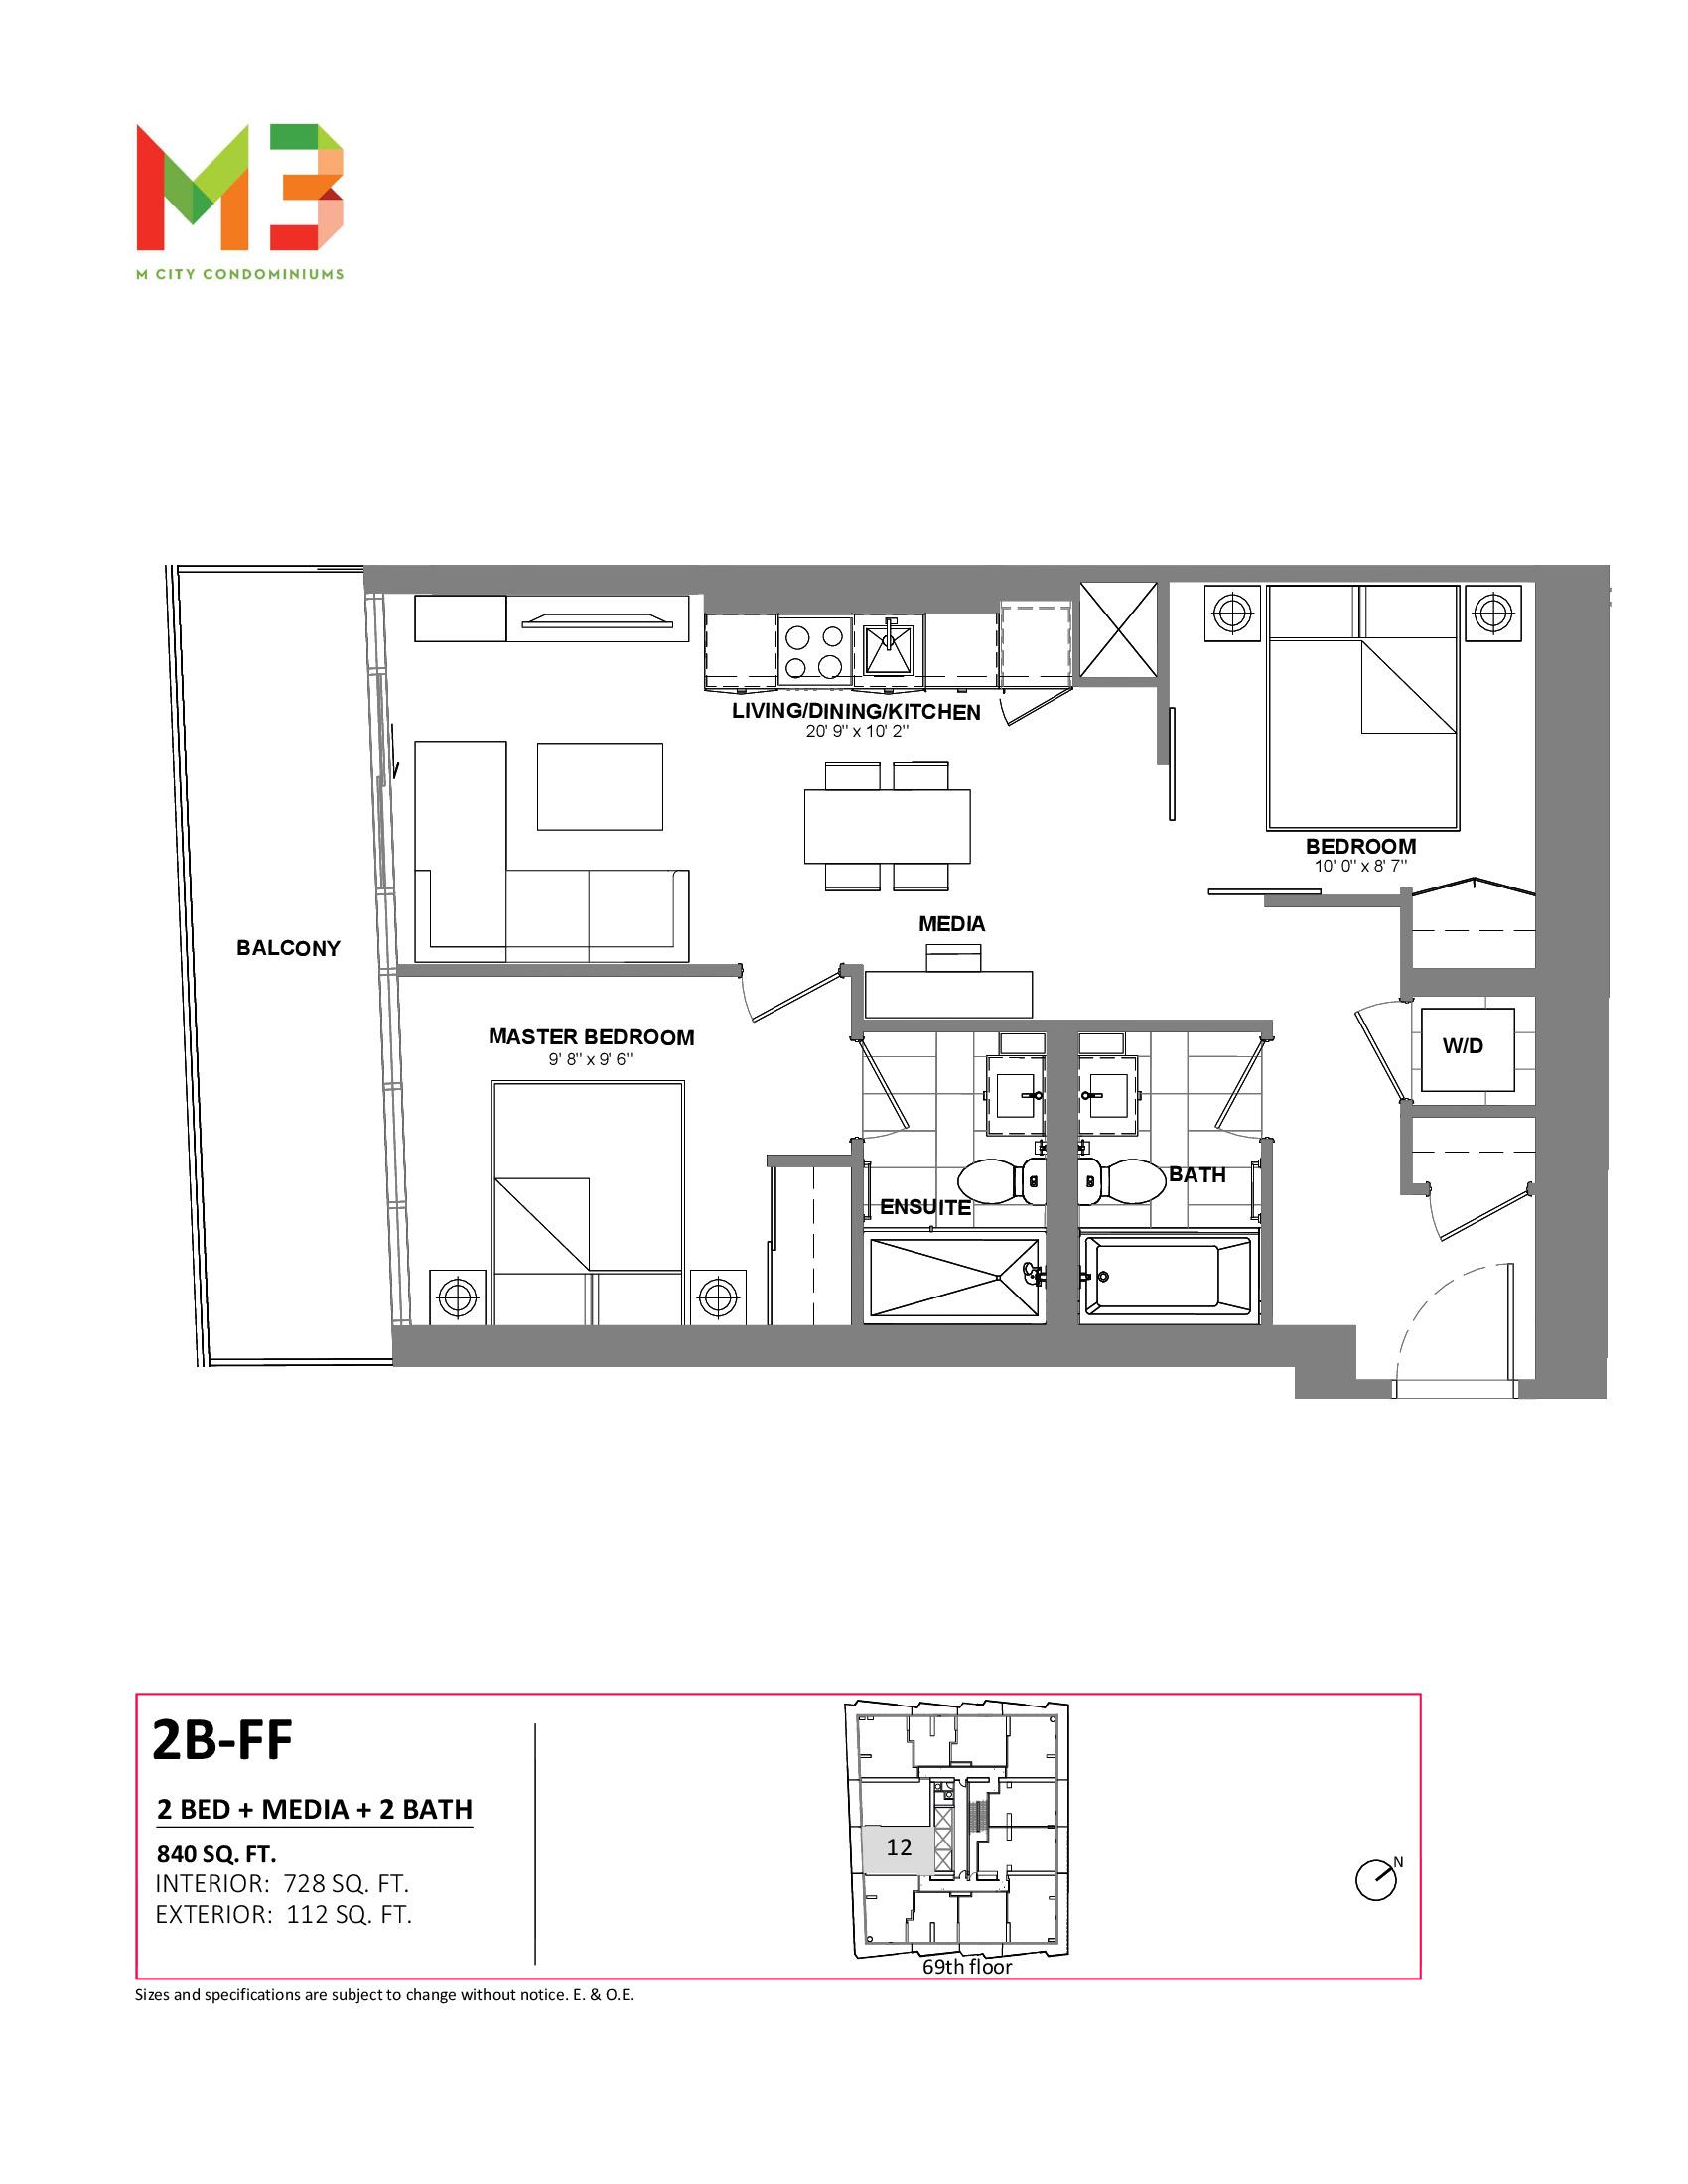 2B-FF Floor Plan at M3 Condos - 728 sq.ft